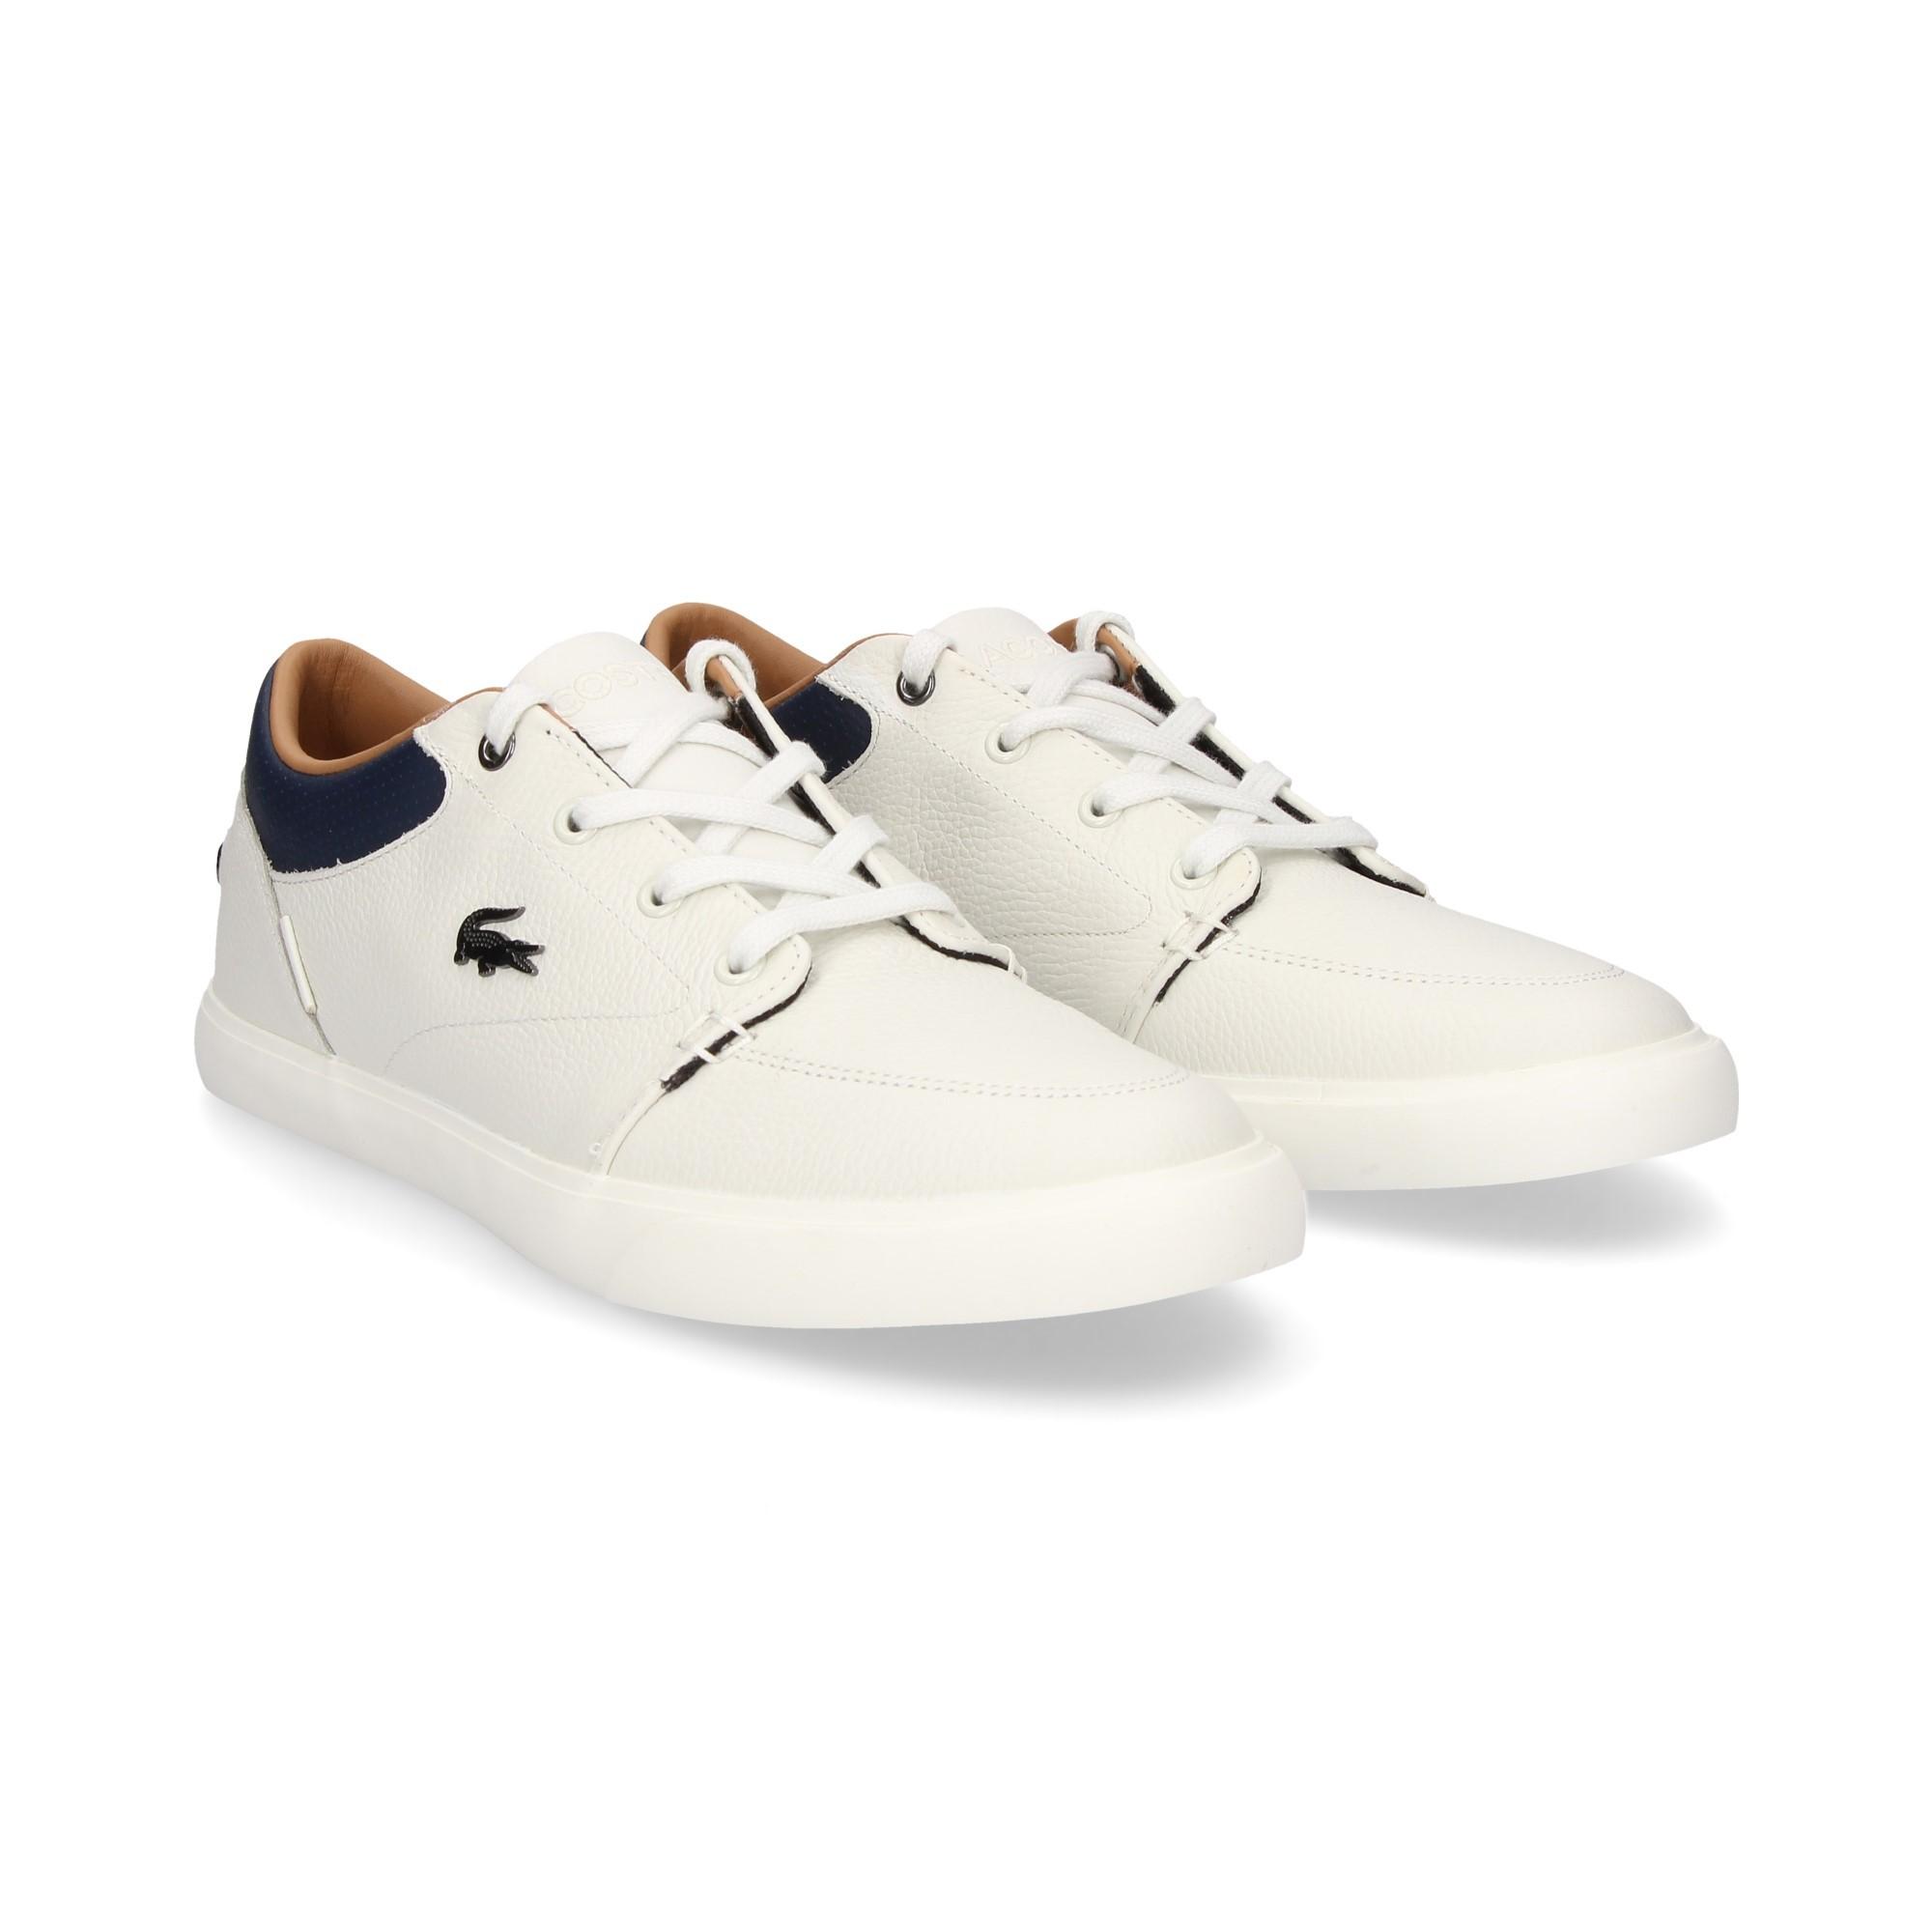 LACOSTE Men s sneakers 35CAM0006 WN1 BLANCO 6a53e4c017